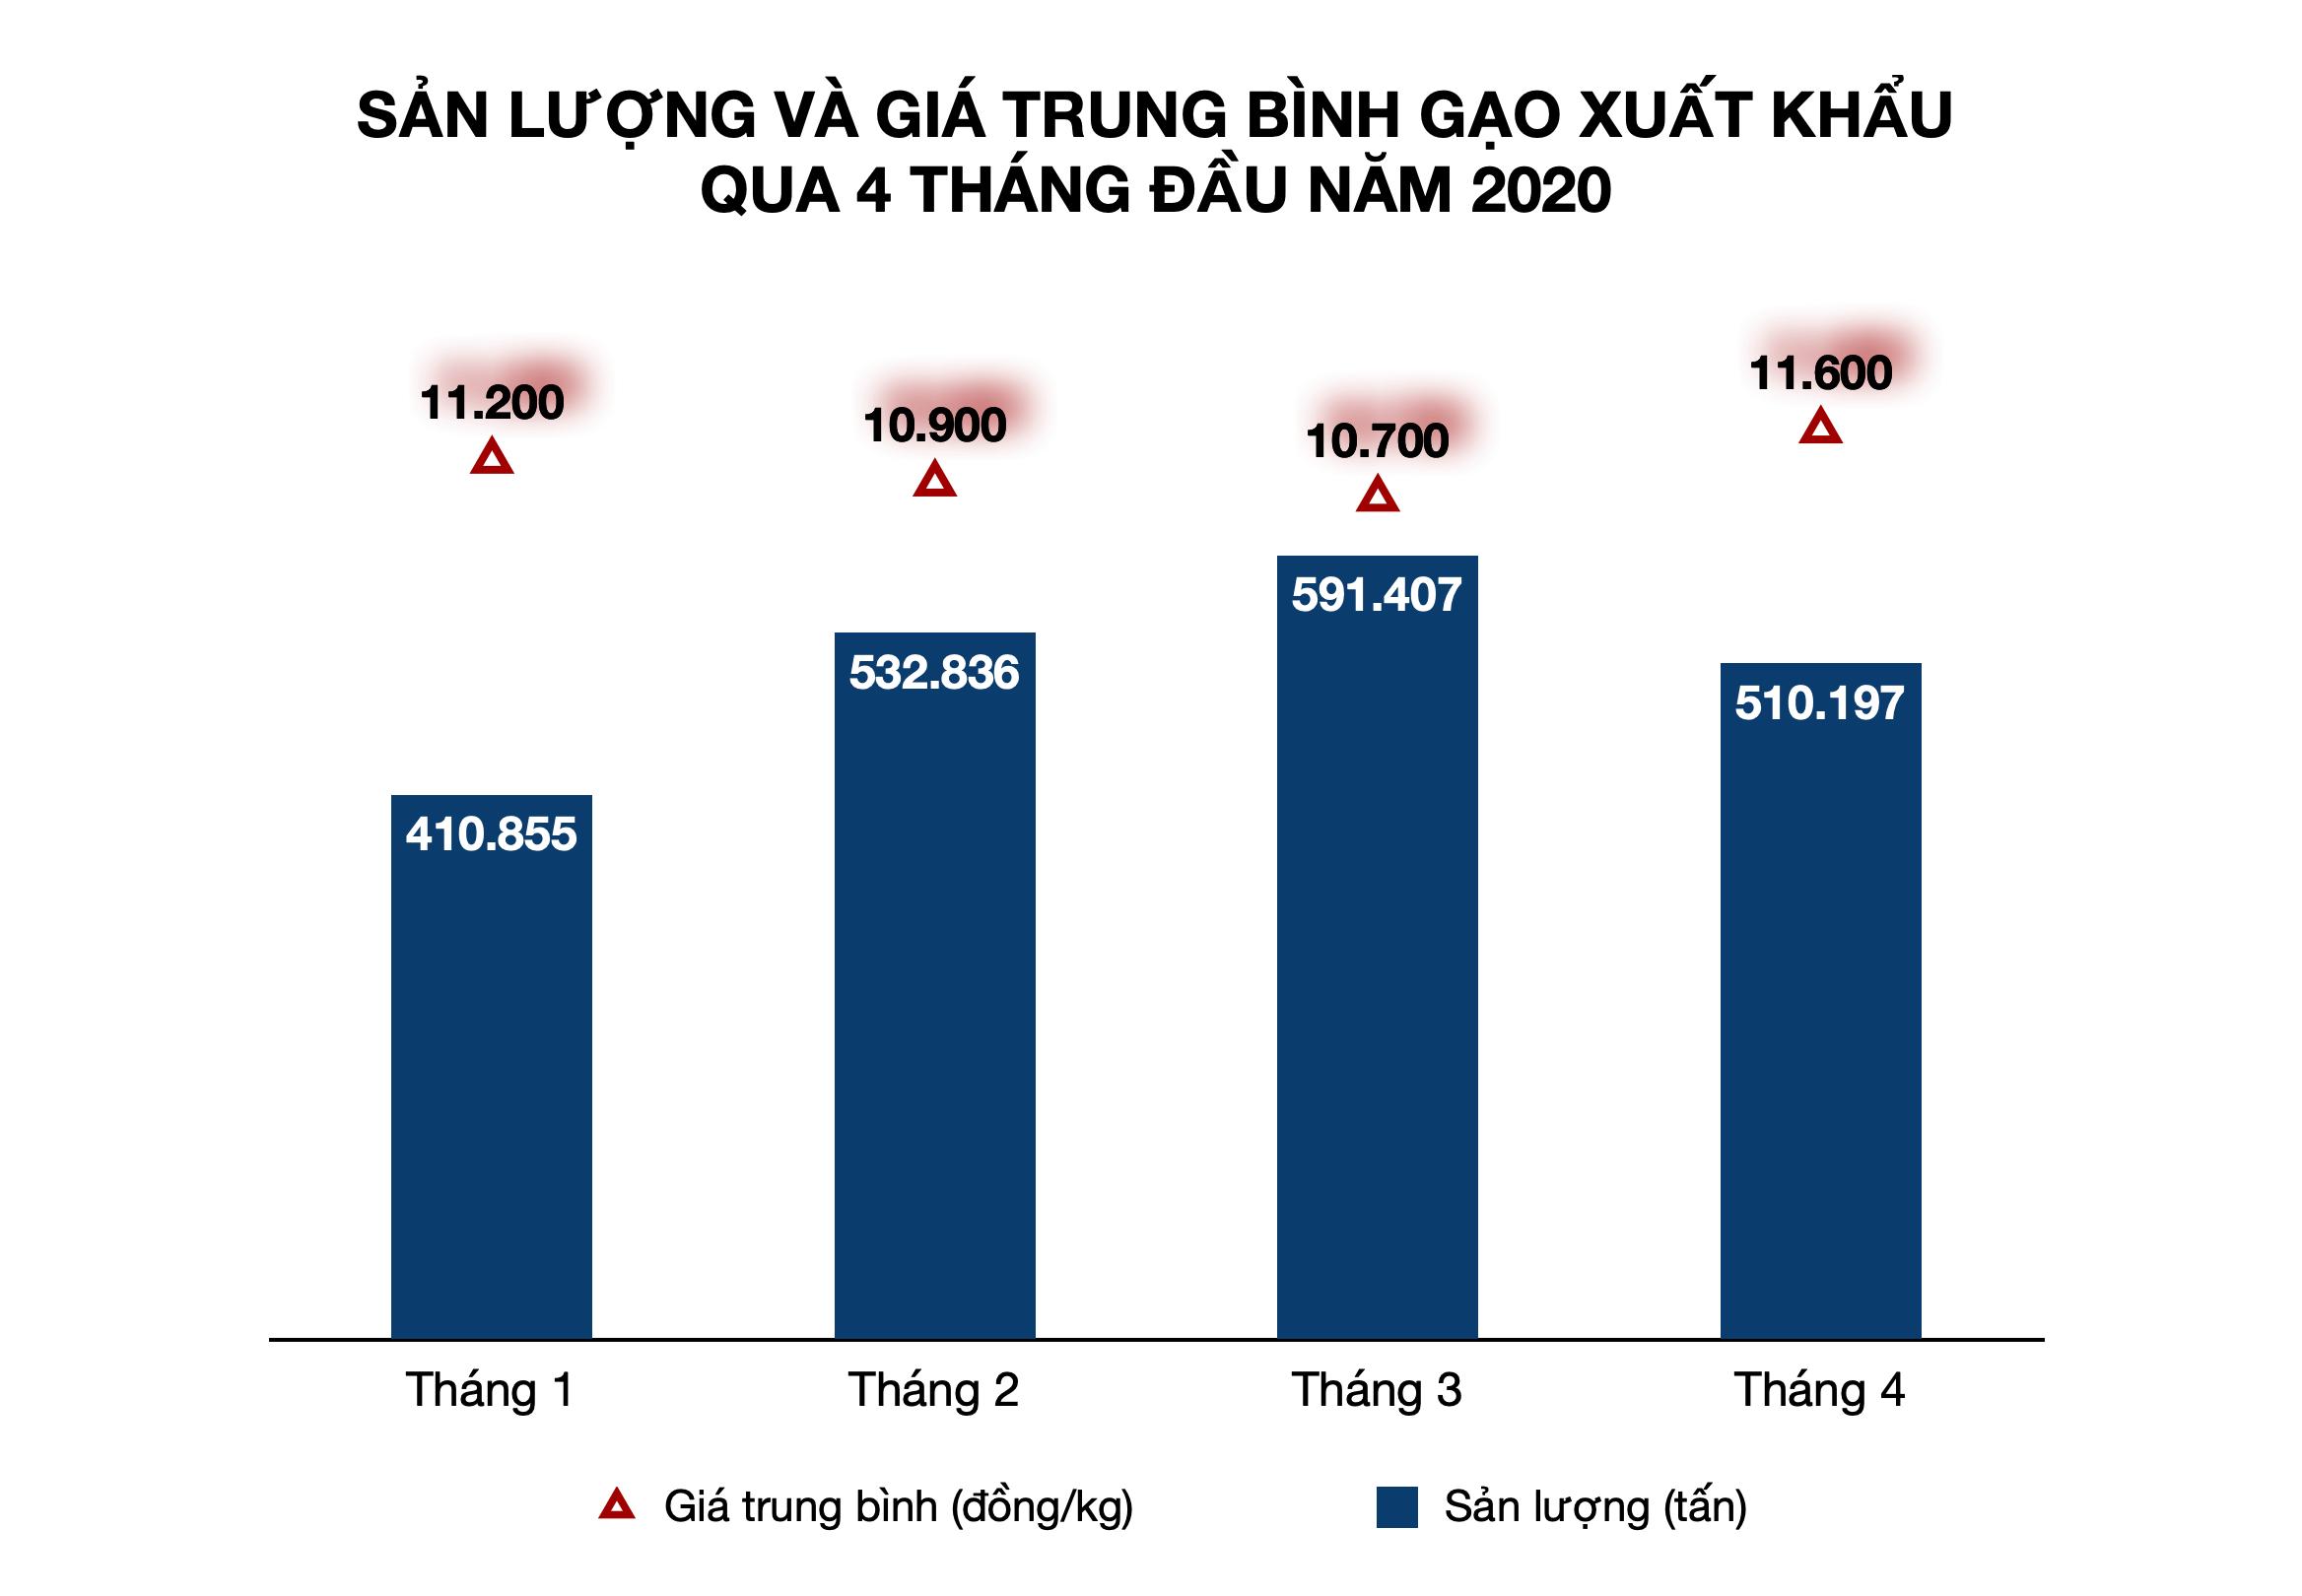 Gạo Việt Nam xuất khẩu 11.000 đồng/kg khiến gạo Thái Lan rớt giá kỉ lục - Ảnh 2.